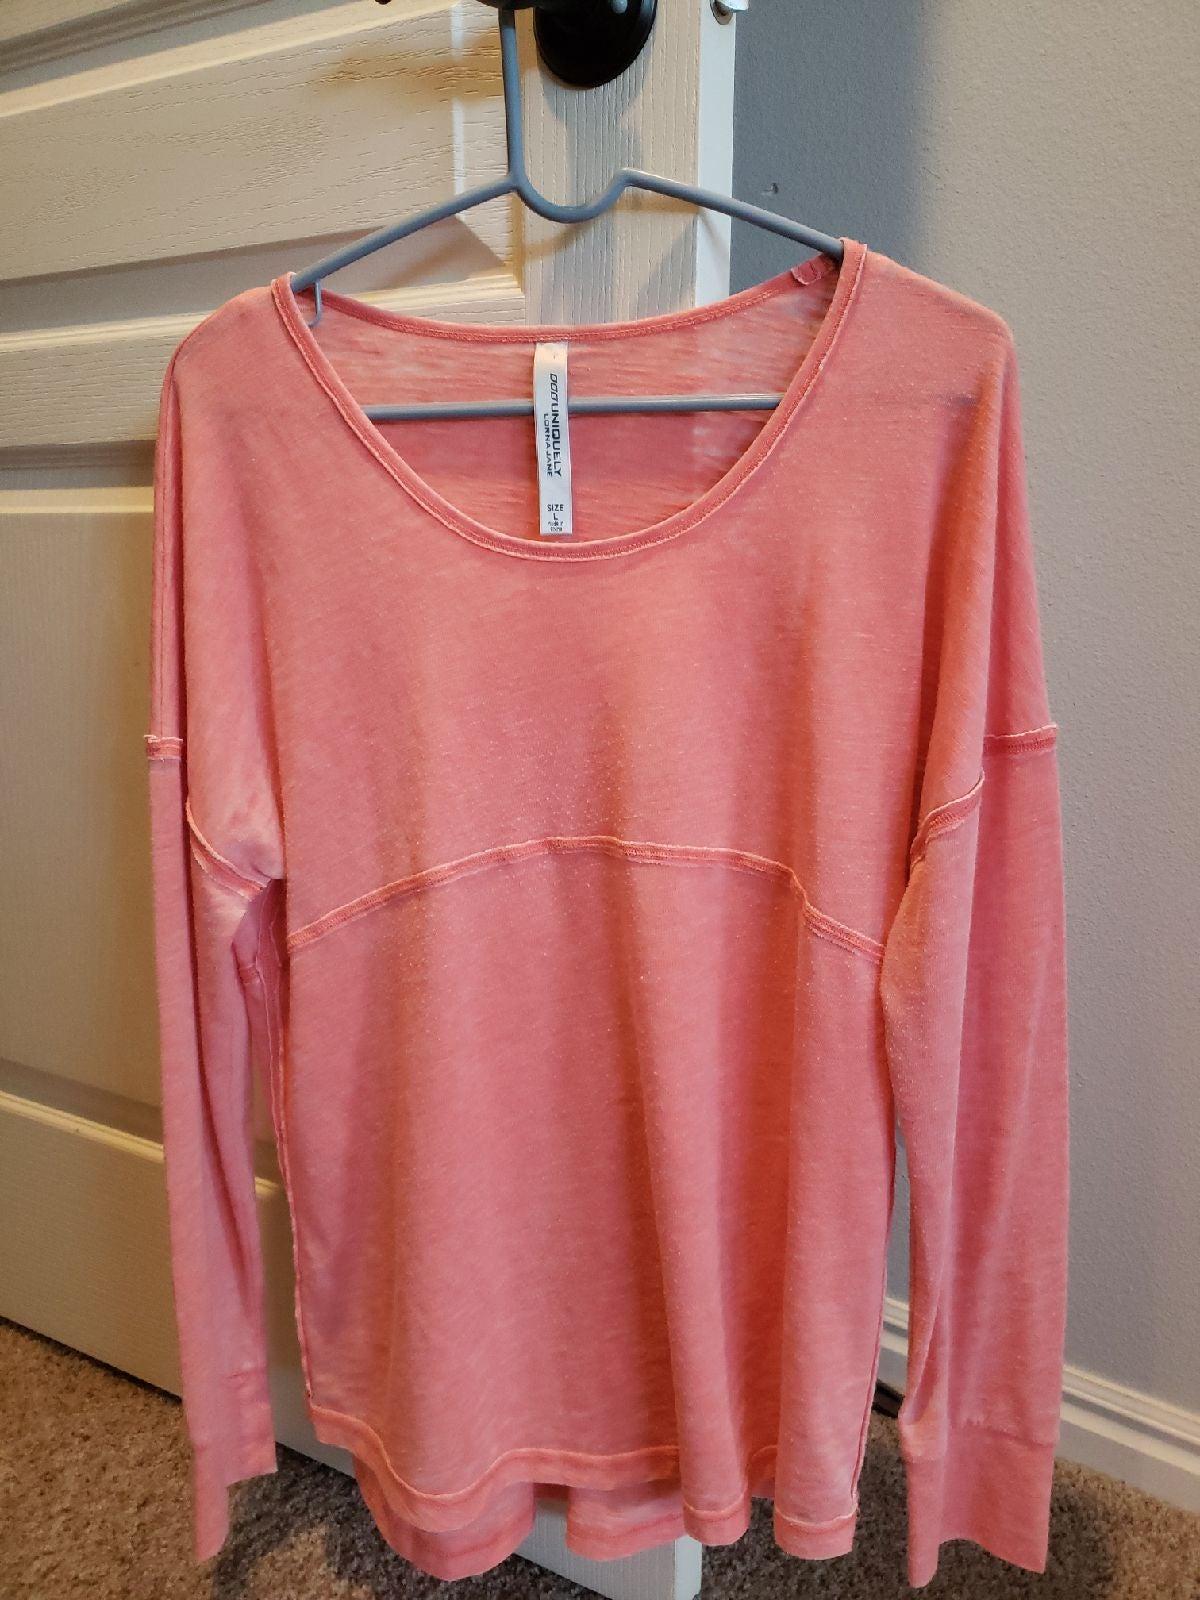 Lorna Jane long sleeved top